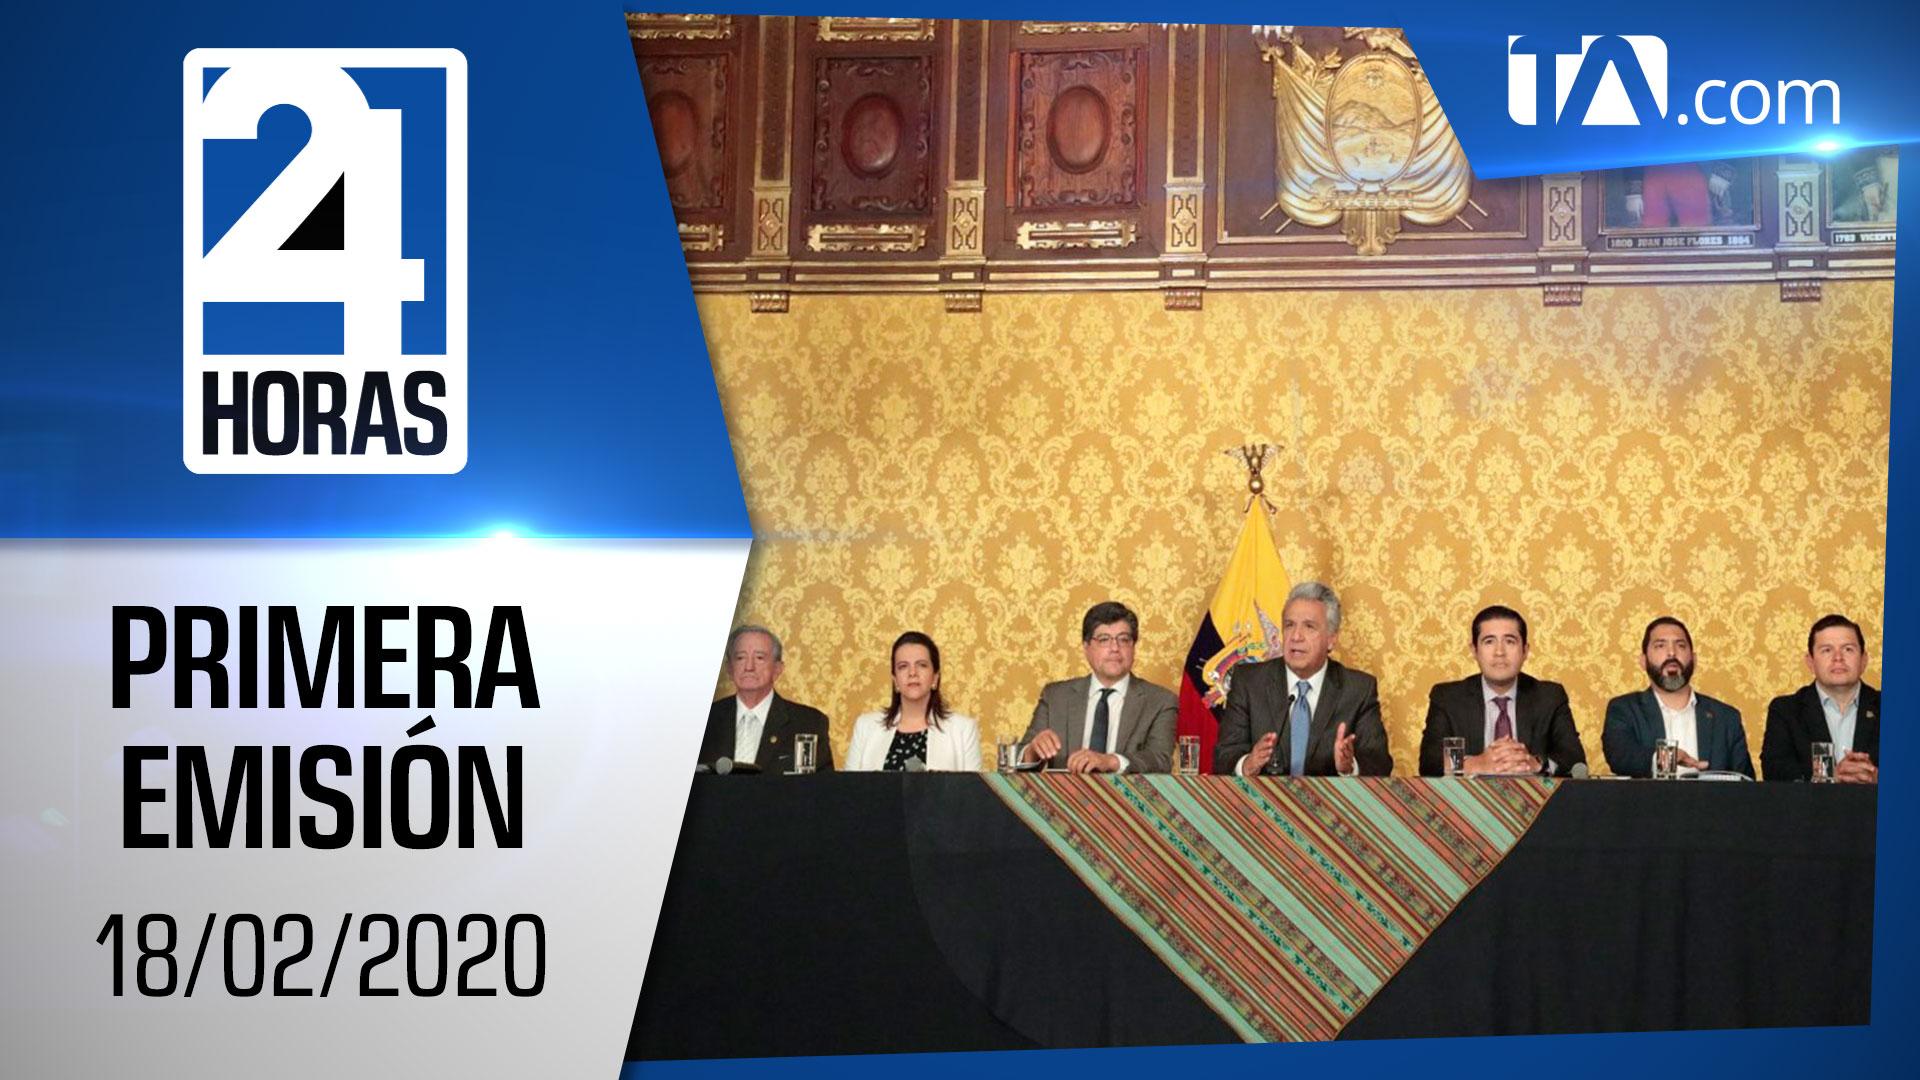 Noticias Ecuador: Noticiero 24 Horas 18/02/2020 (Primera Emisión)